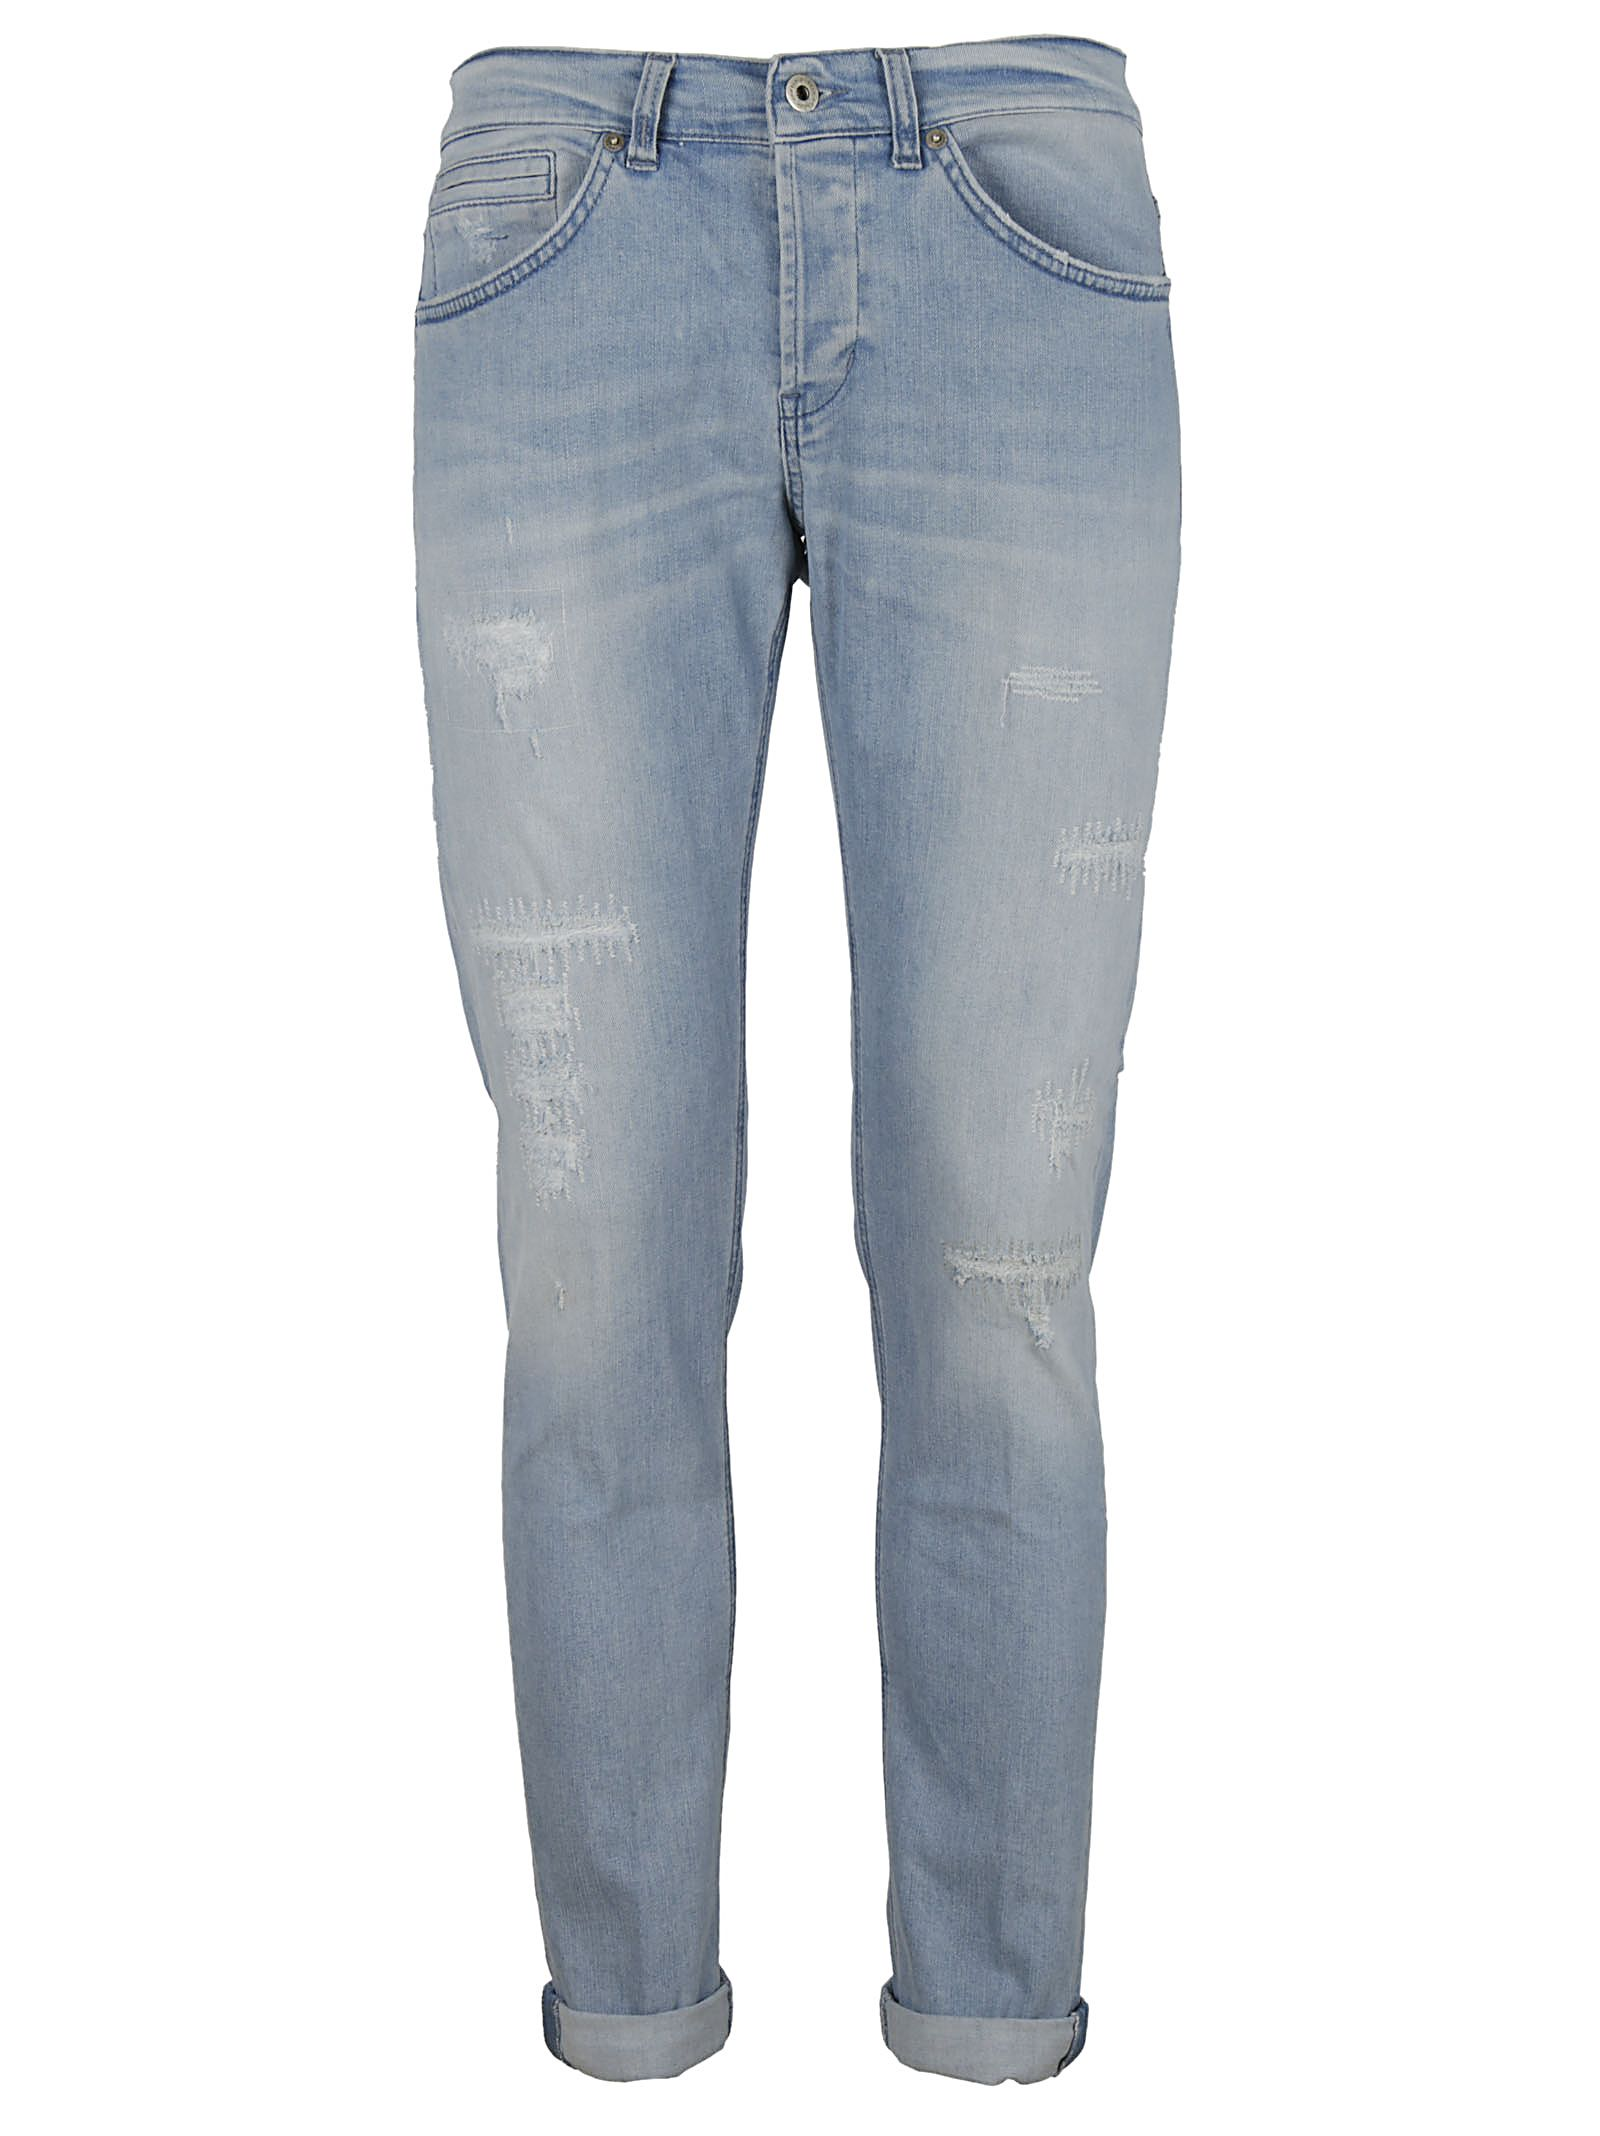 Jeans On Sale, Denim Blue, Cotton, 2017, 35 36 Dondup